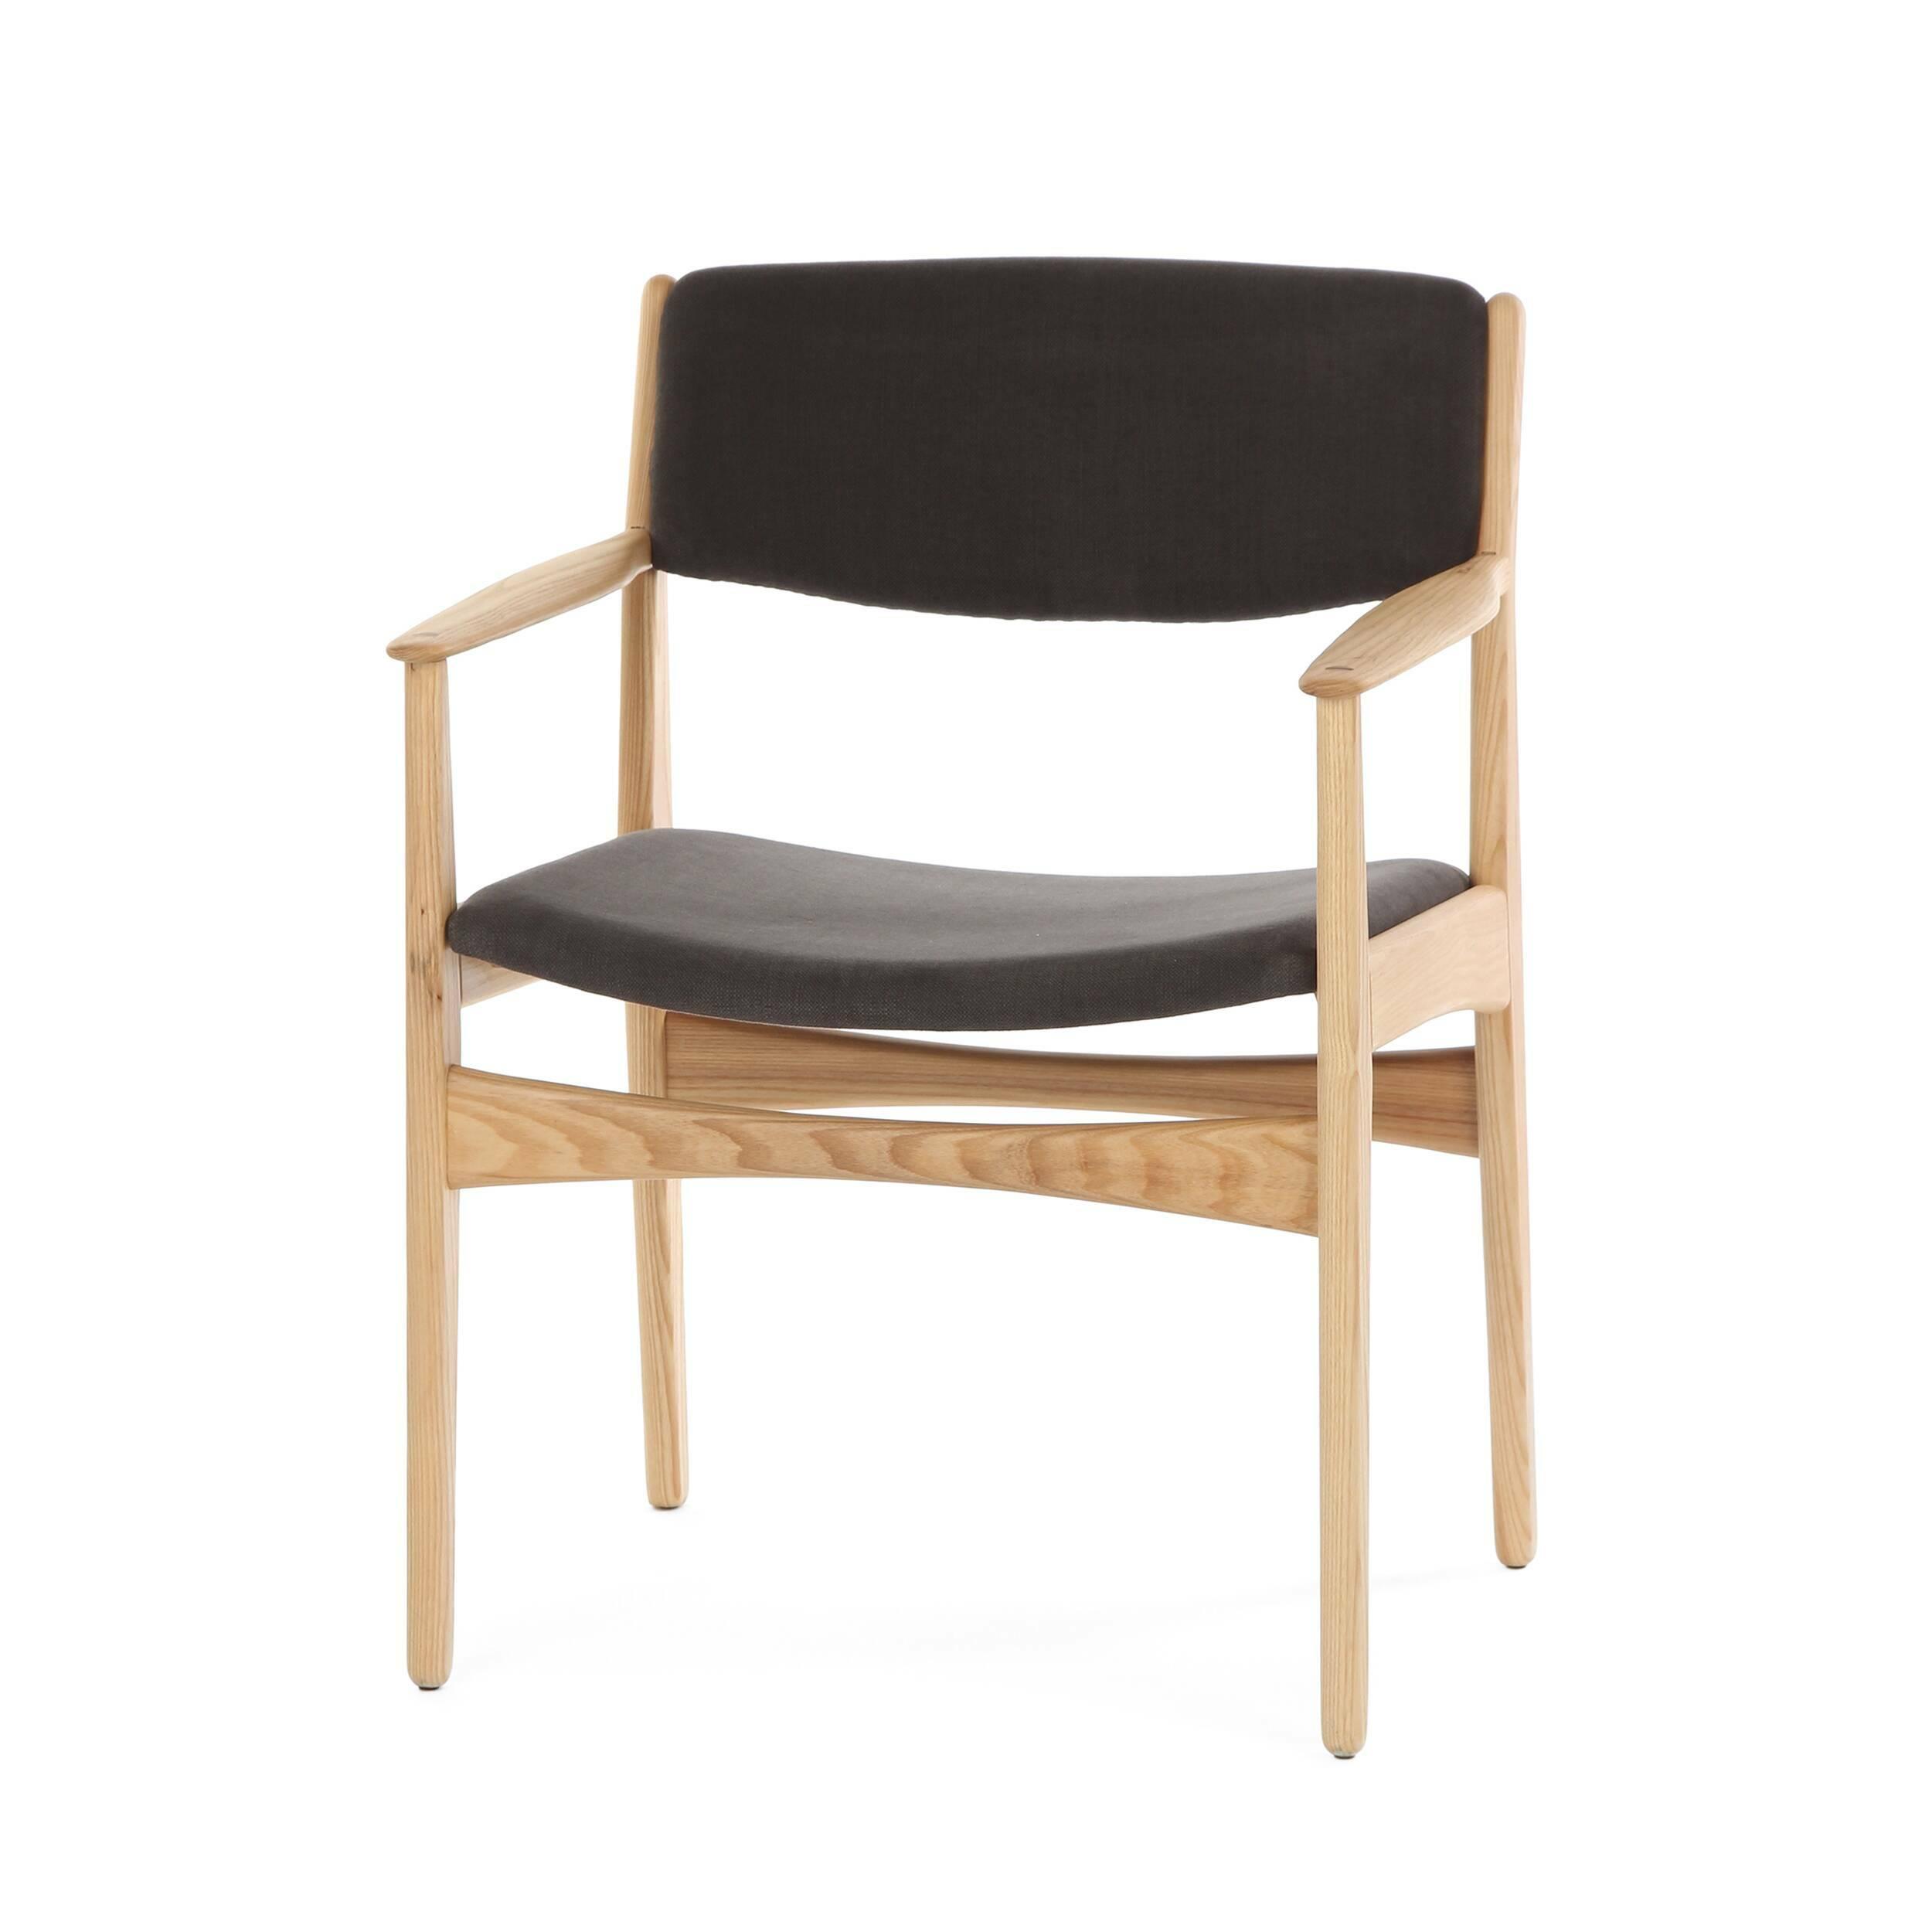 Стул Danish ChairИнтерьерные<br>Дизайнерский стул Danish Chair (Даниш Чейр) из дерева обычной формы с мягким сиденьем и спинкой от Cosmo (Космо).<br><br>Неудивительно, что стиль, в котором создан стул Danish Chair, — датский (скандинавский) модерн. С момента своего появления стиль плотно вошел в обиход дизайнеров того времени и постепенно превратился в почитаемую классику не только в северных странах, но и в Азии и в Америке. Дизайнеры, создающие оригинальную мебель в этом стиле, отдают предпочтение экоматериалам и мягкому со...<br><br>stock: 1<br>Высота: 79<br>Высота сиденья: 43,5<br>Ширина: 60,5<br>Глубина: 54,5<br>Материал каркаса: Массив ясеня<br>Тип материала каркаса: Дерево<br>Материал сидения: Хлопок, Лен<br>Цвет сидения: Темно-серый<br>Тип материала сидения: Ткань<br>Коллекция ткани: Ray Fabric<br>Цвет каркаса: Светло-коричневый